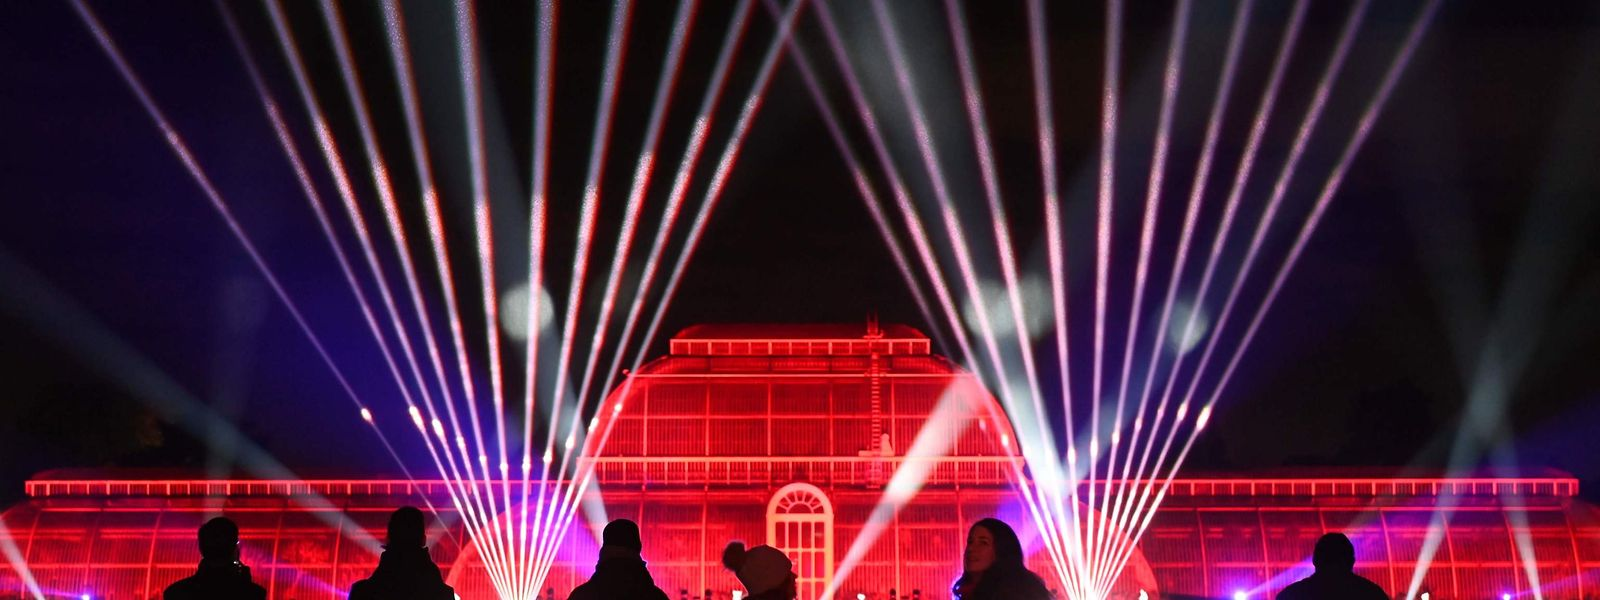 """London. Ja ist denn heut' schon Weihnachten? Fast, denn zumindest beleuchtungstechnisch stimmen die Kew Gardens mit ihren Lichtinstallationen des alljährlichen """"Christmas at Kew"""" bereits festlich darauf ein."""